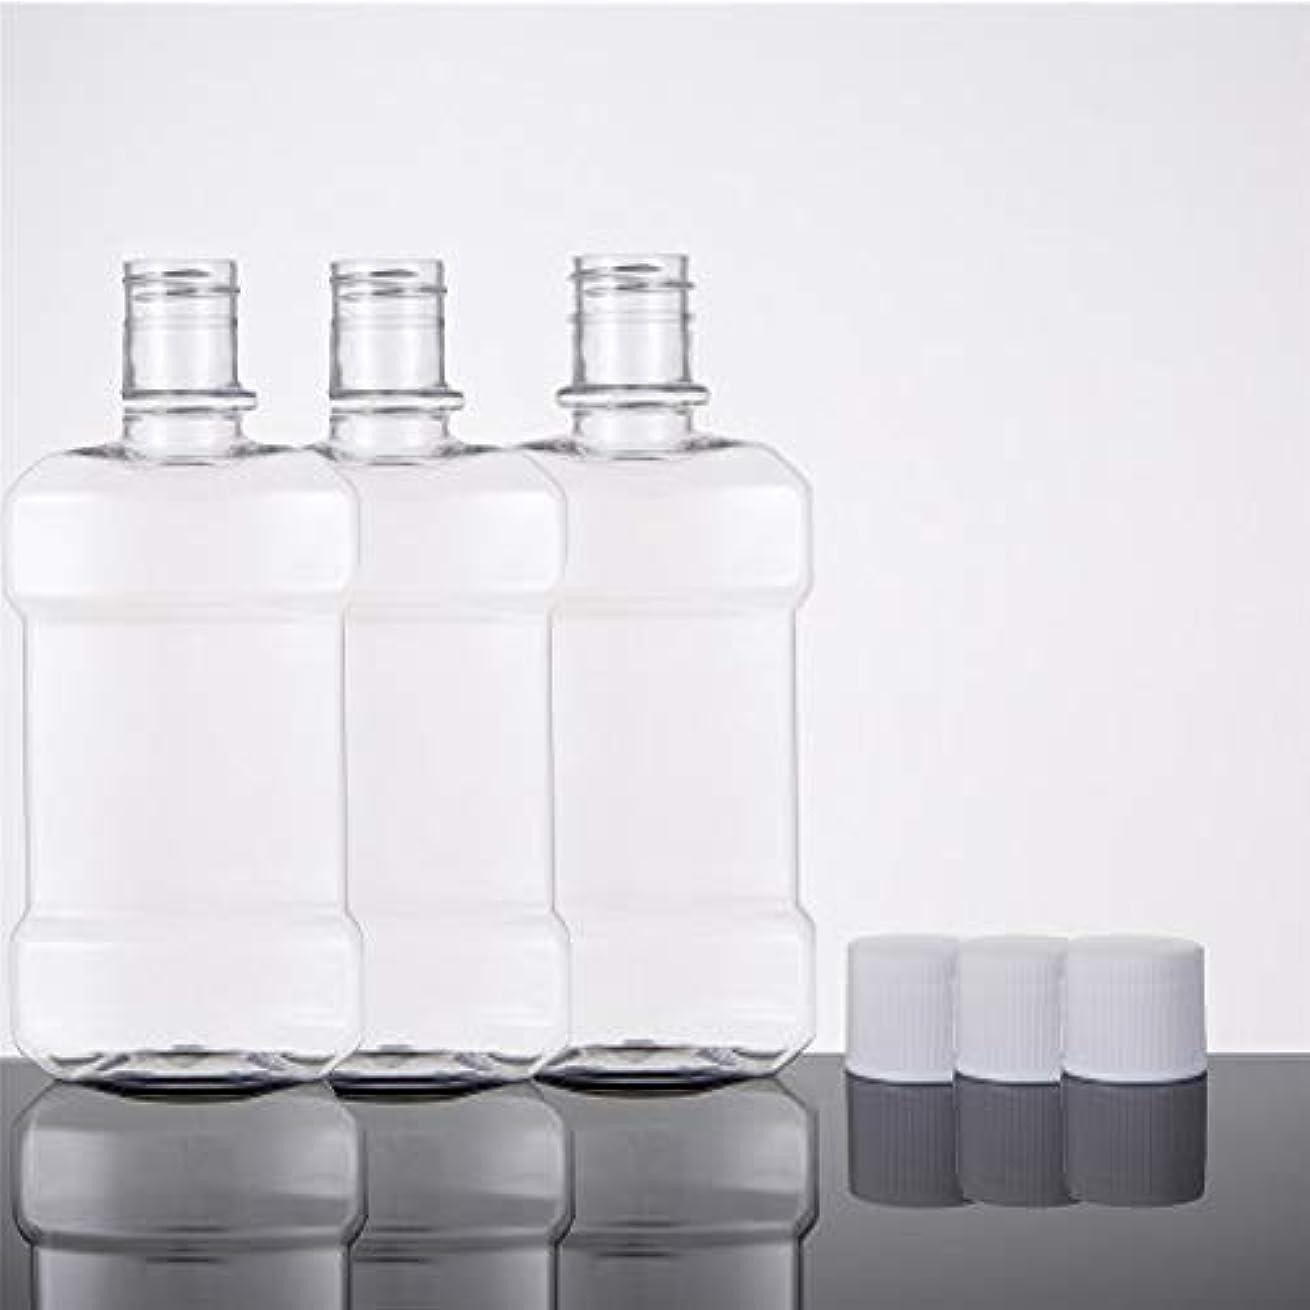 型精算寸法SHKI マウスウォッシュ専用詰め替えボトル 250ml*3個 空ボトル 3個セット 持ち運び便利